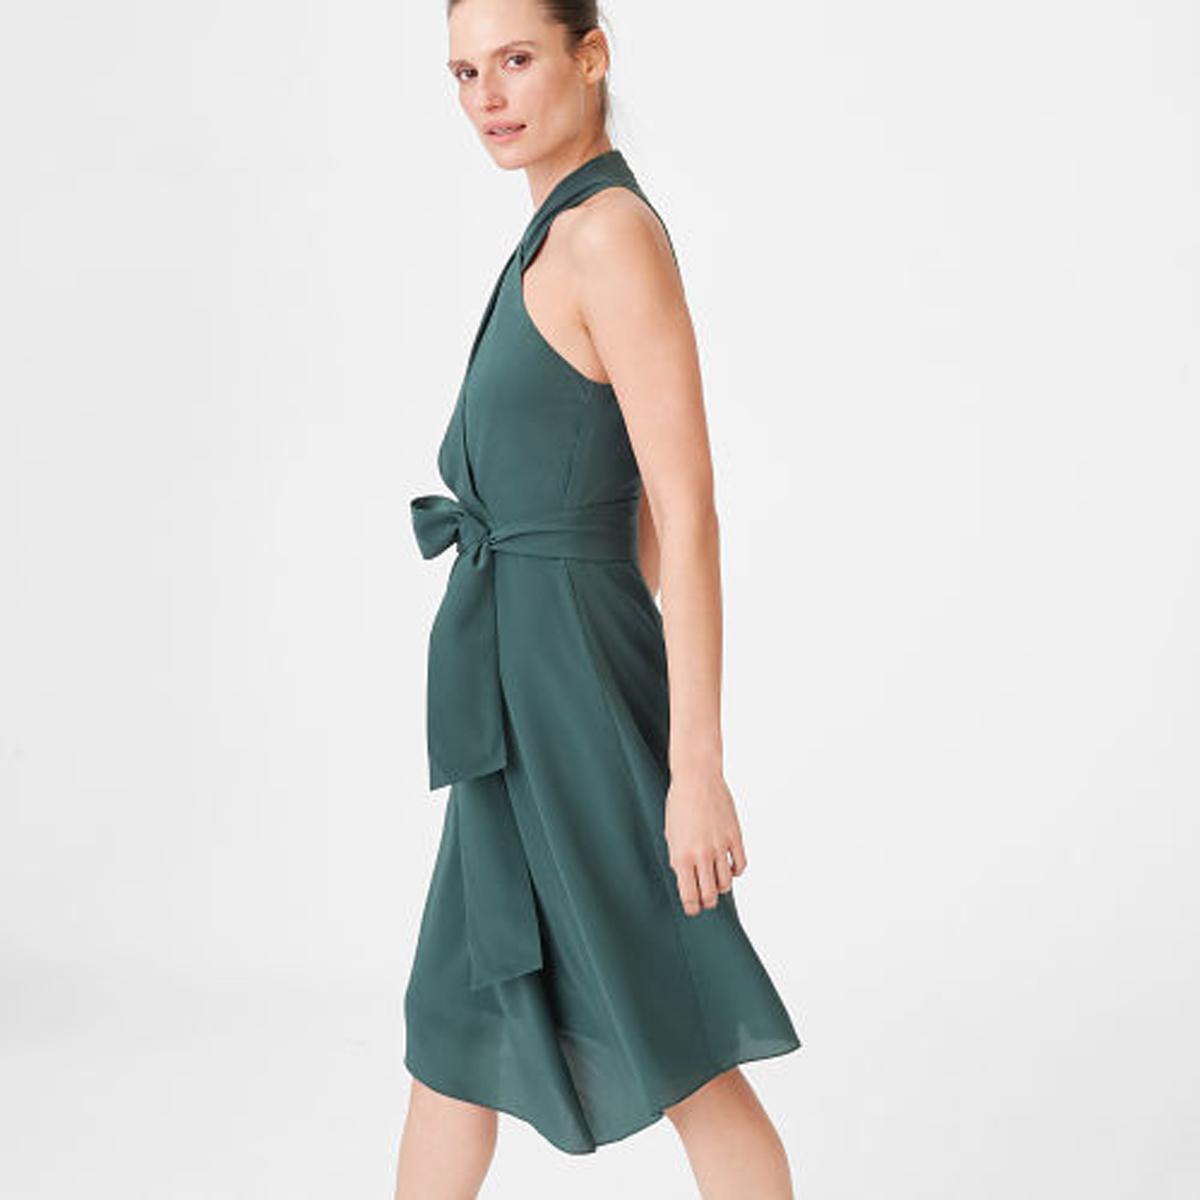 Bizbee Silk Dress   HK$2,990